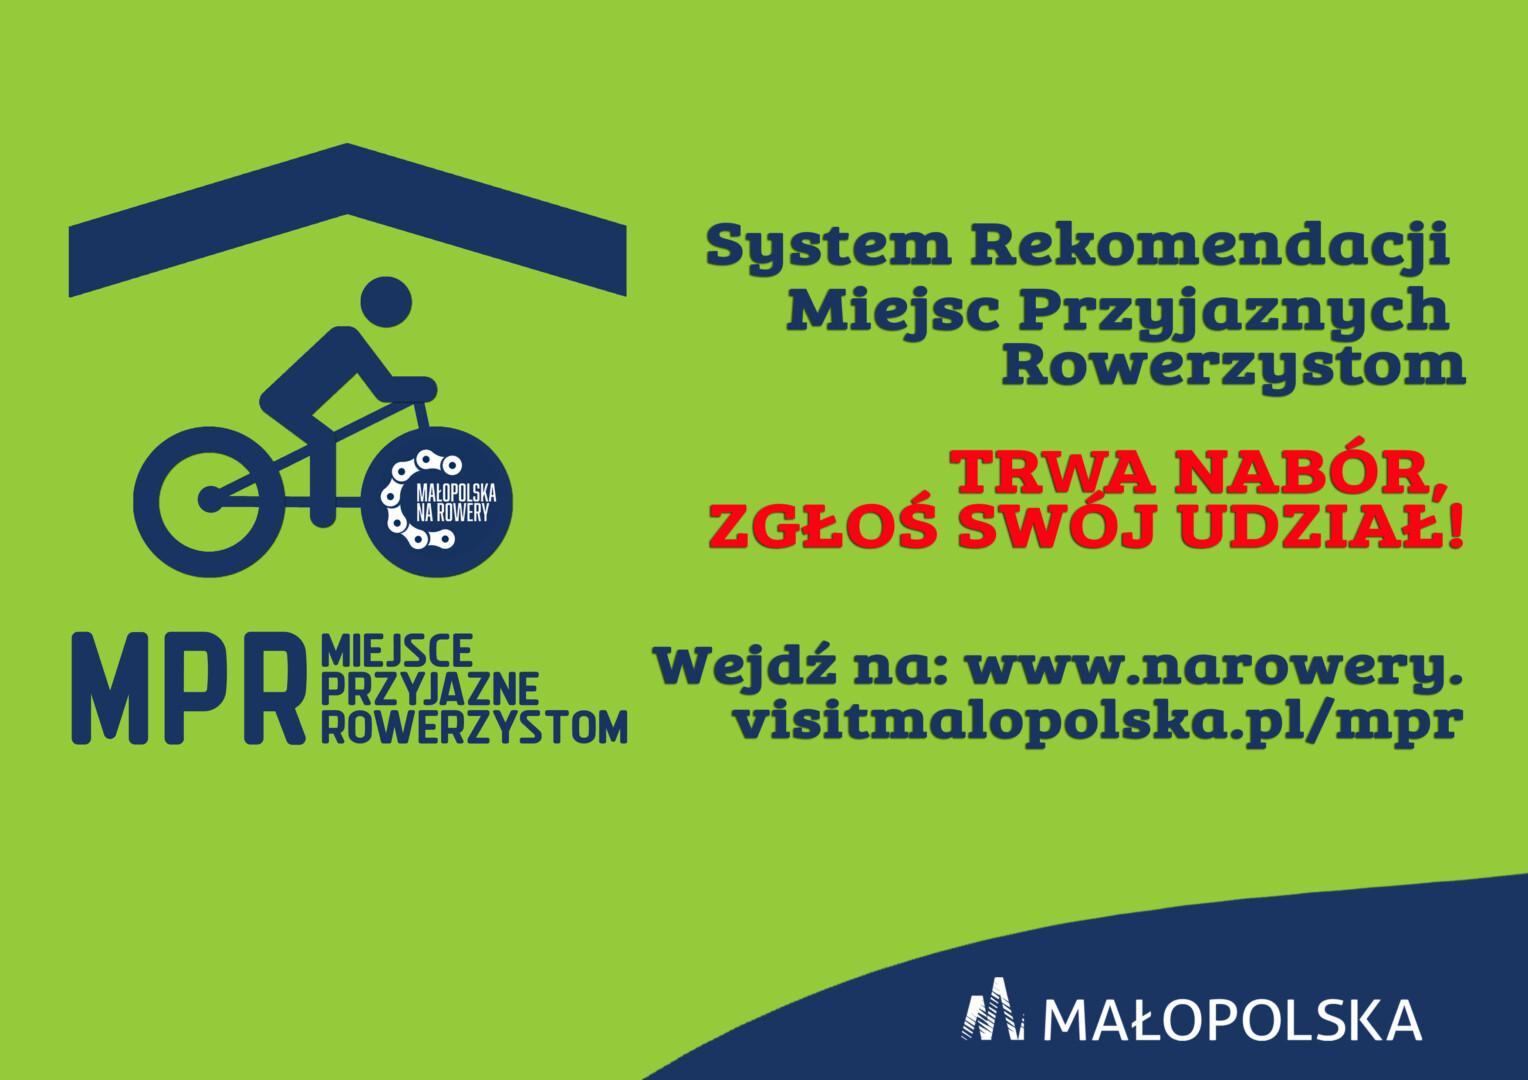 Nabór do Systemu Rekomendacji Miejsc Przyjaznych Rowerzystom w województwie małopolskim przedłużony!